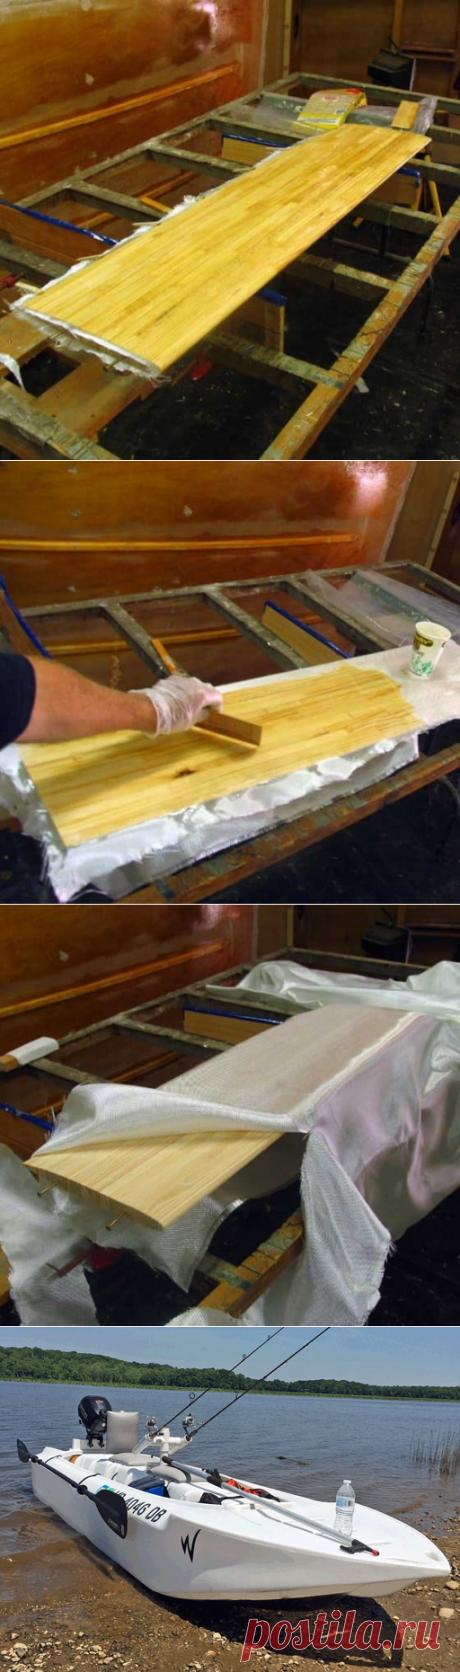 Glasieren von Holzsegelbootfolien für Glätte und Genauigkeit - boat